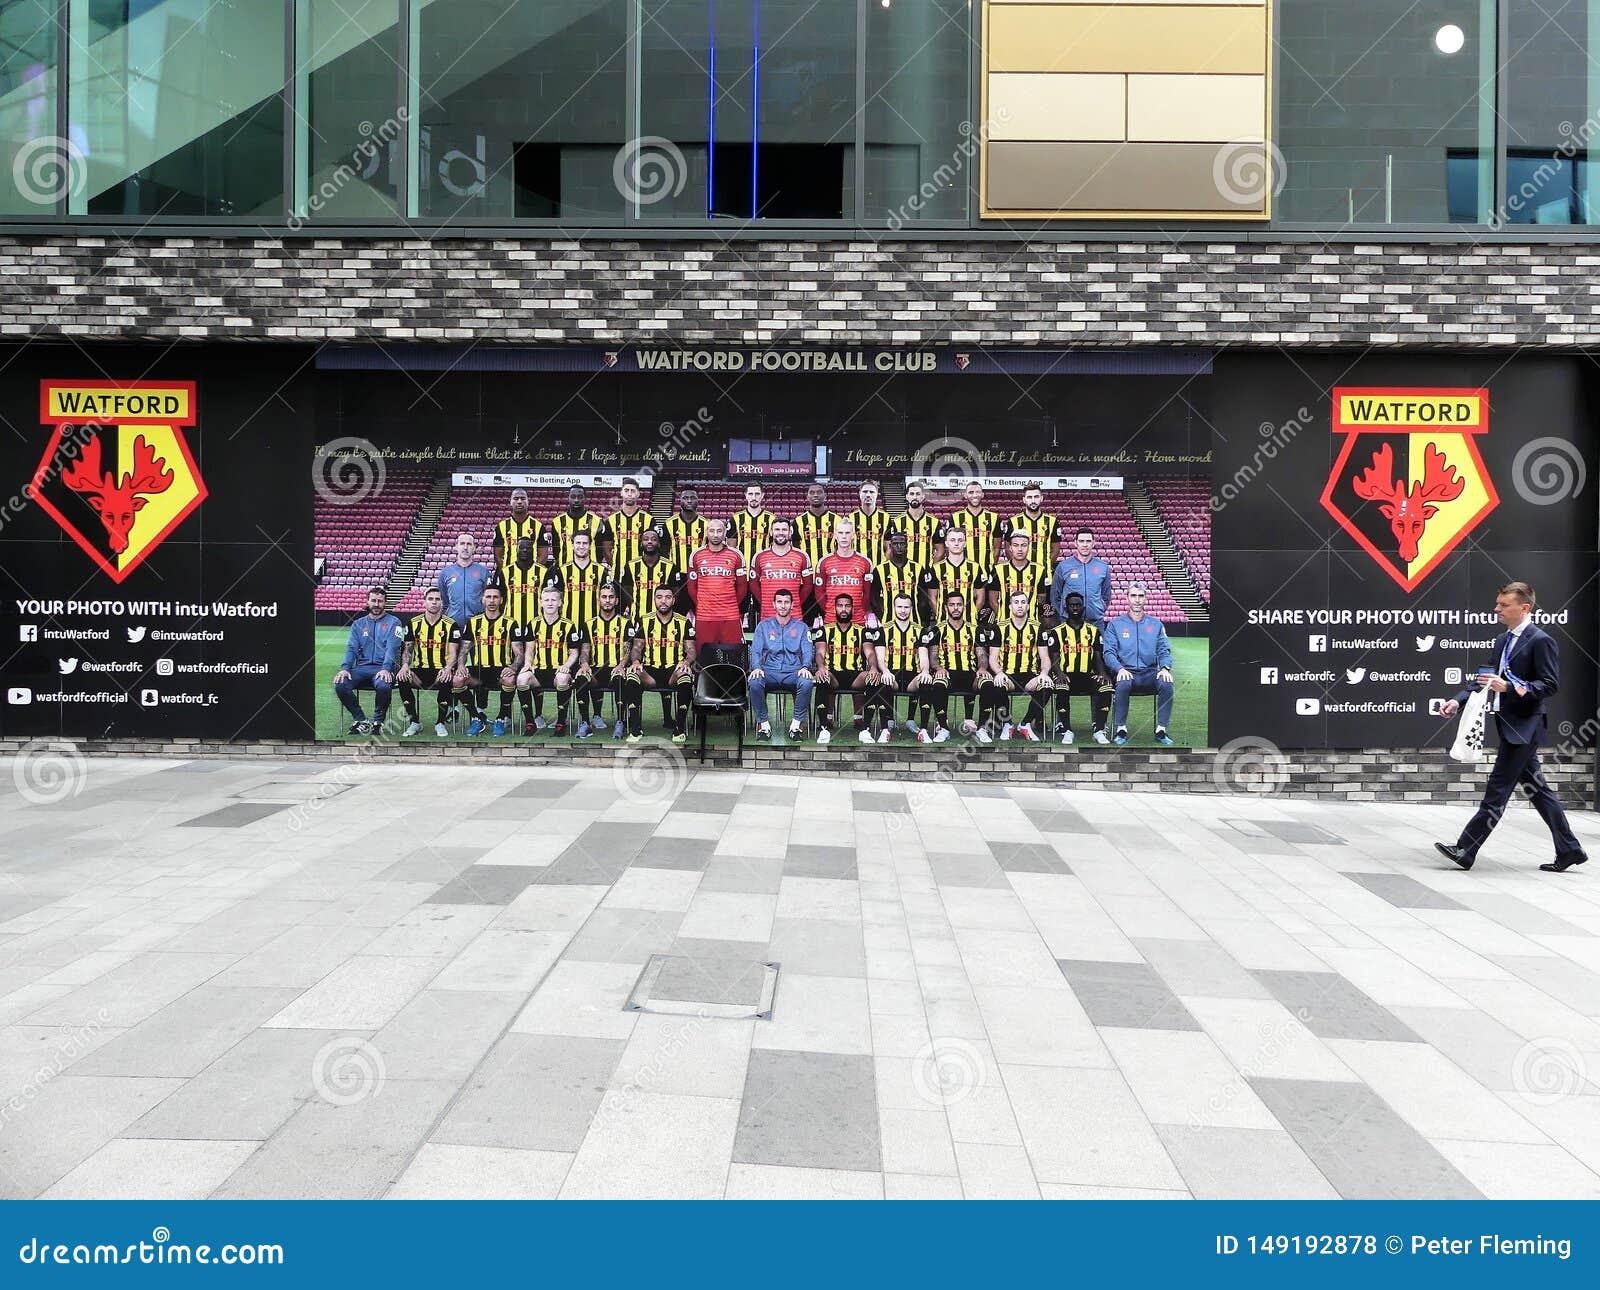 De Club van de Watfordvoetbal deelt uw foto met de eigenschapmuur van intuwatford